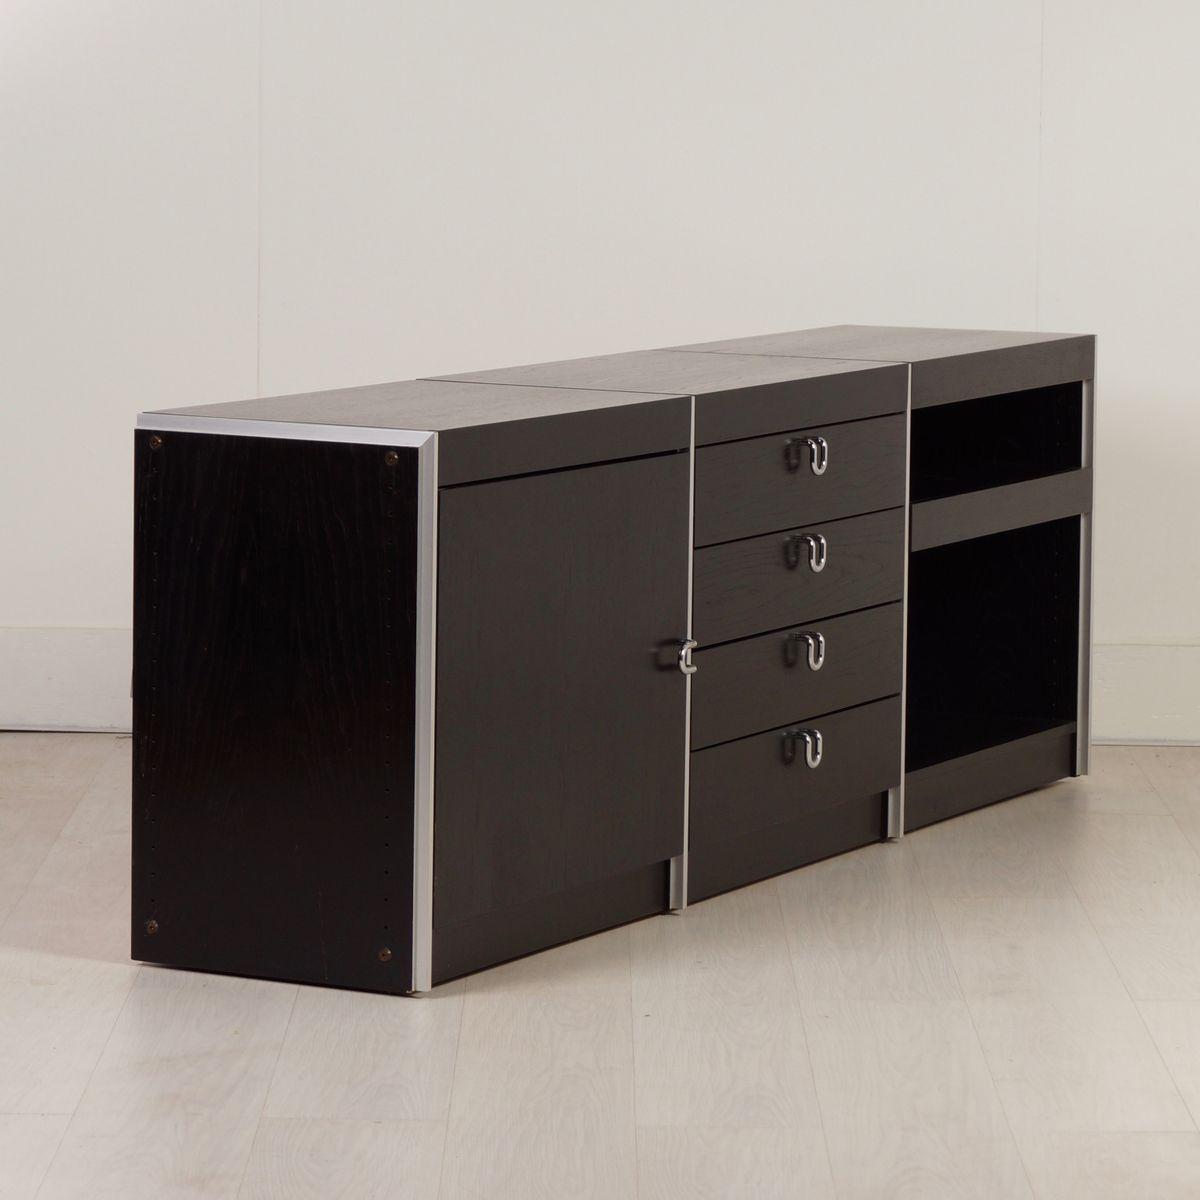 vintage eschenholz sideboard von interl bke bei pamono kaufen. Black Bedroom Furniture Sets. Home Design Ideas